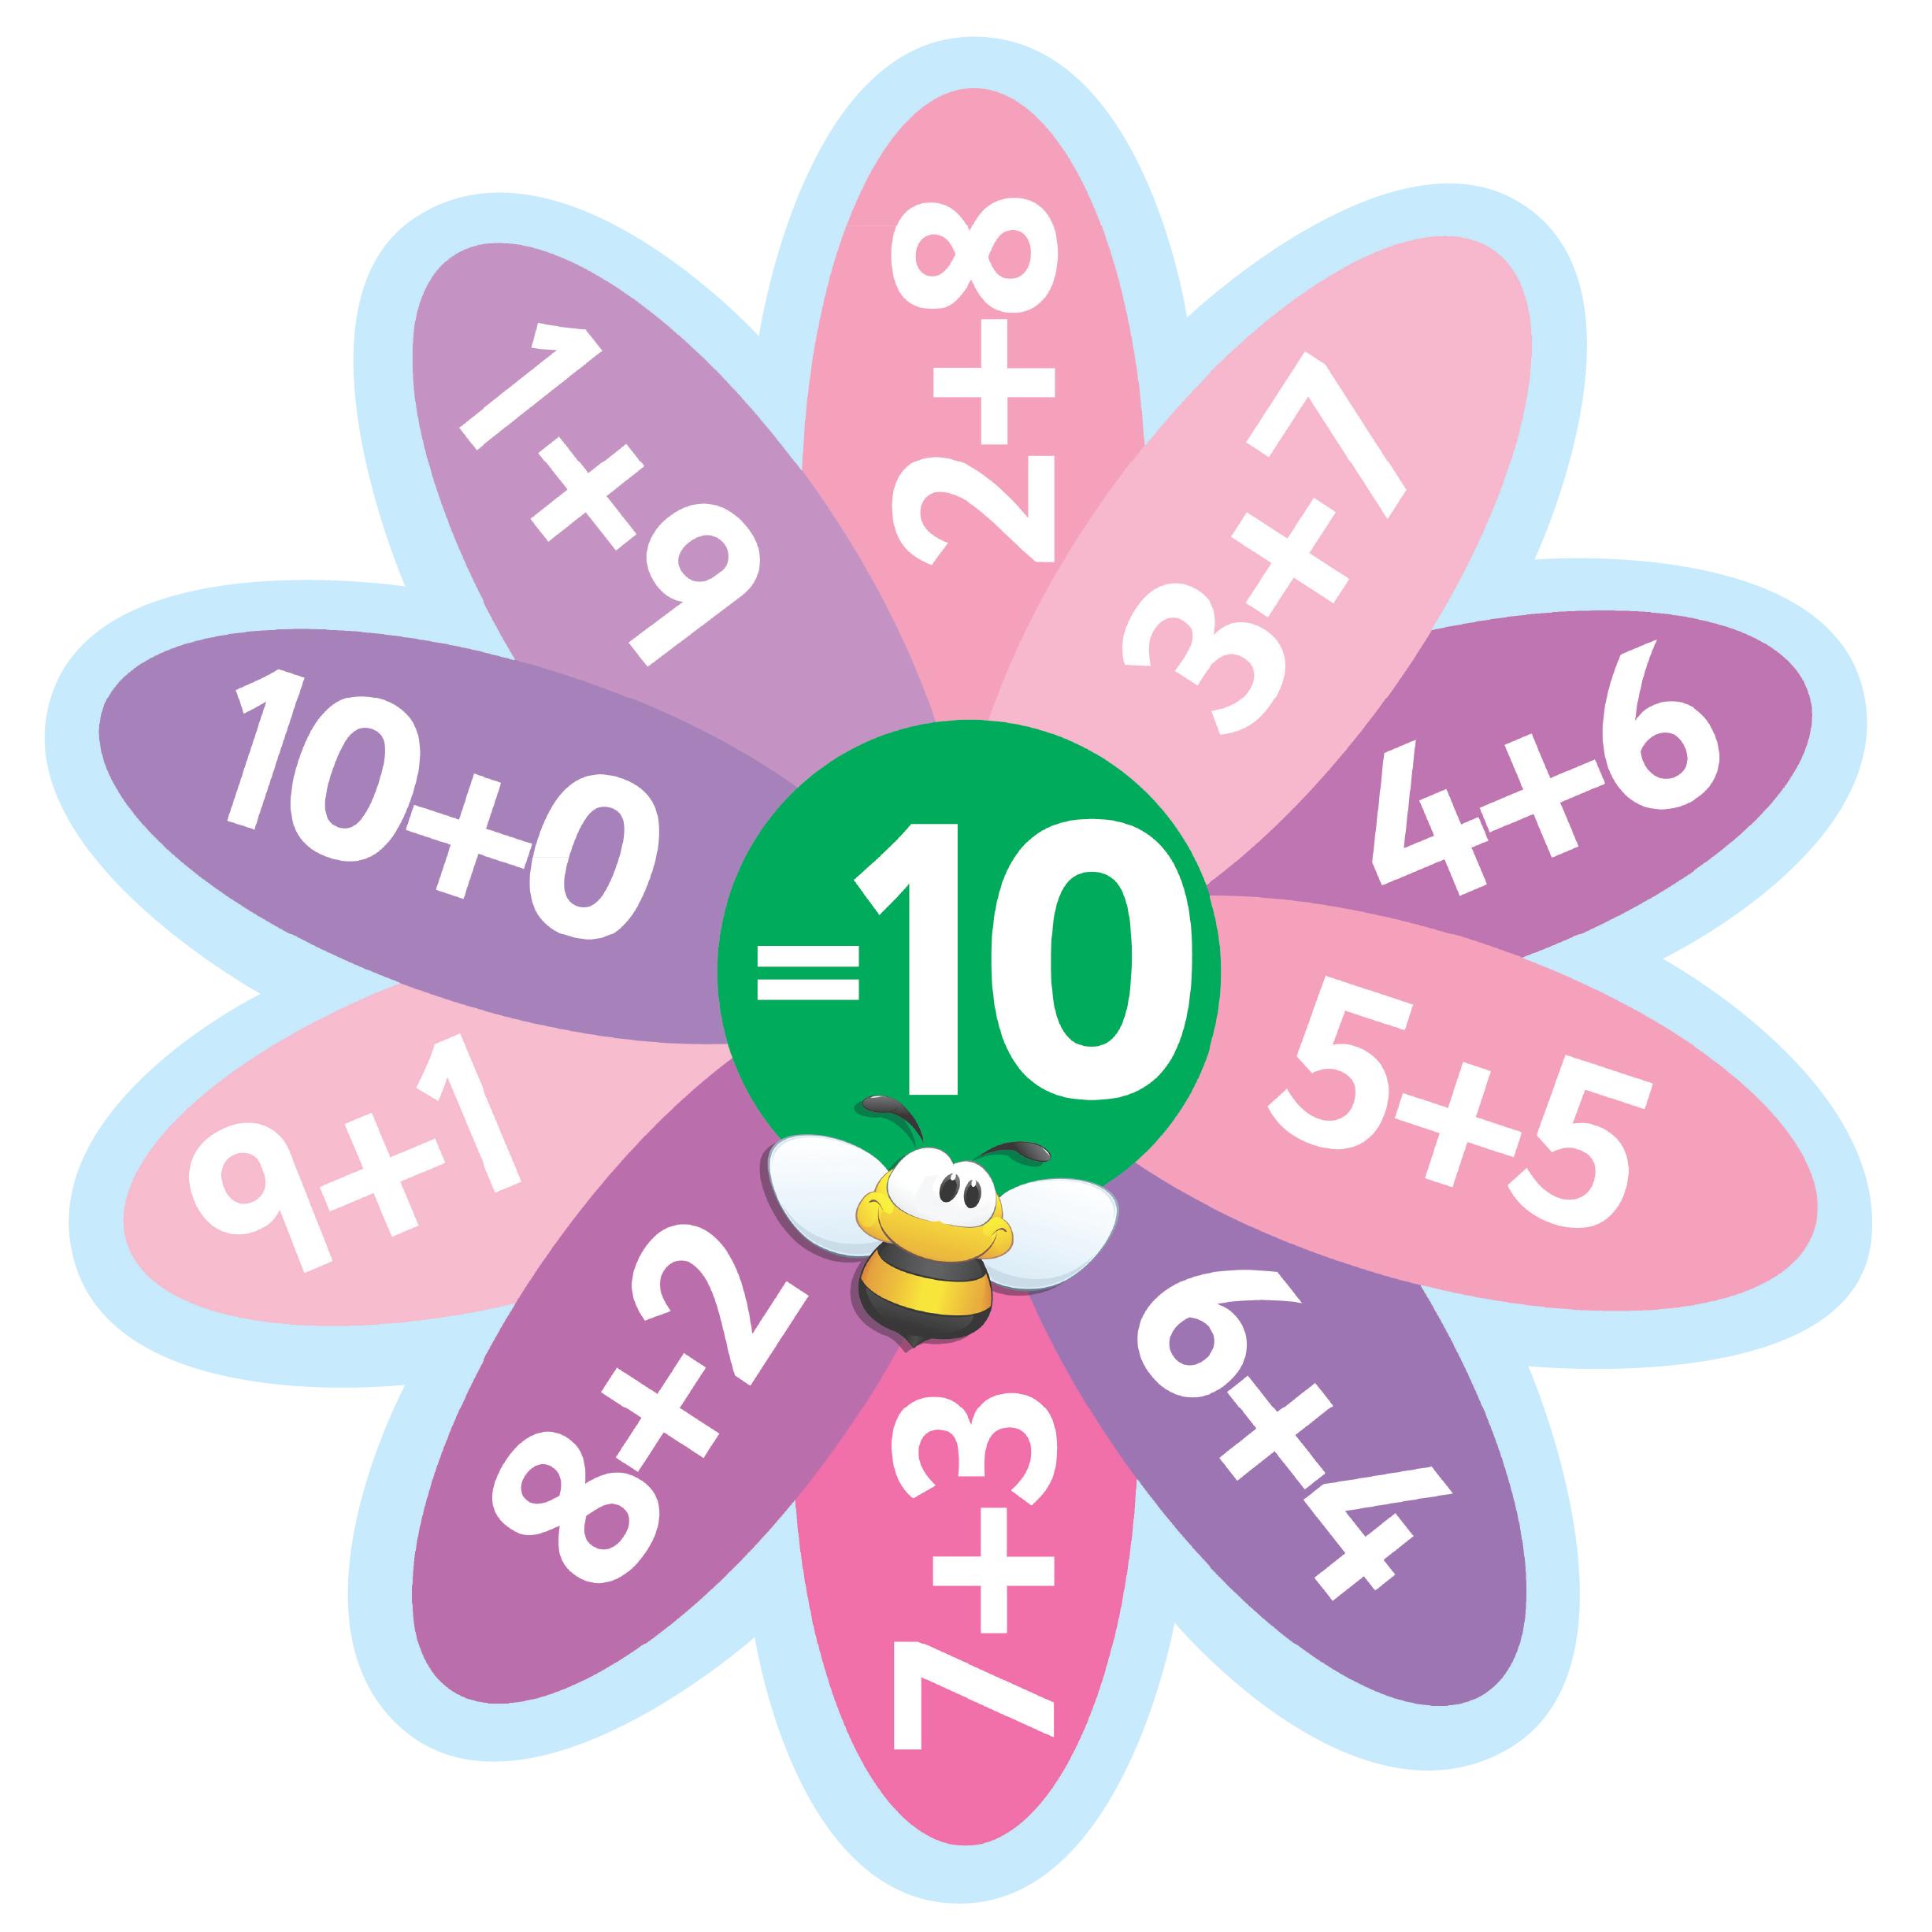 Complete Set Of Number Bonds Signs Inc. 2-10 & 20